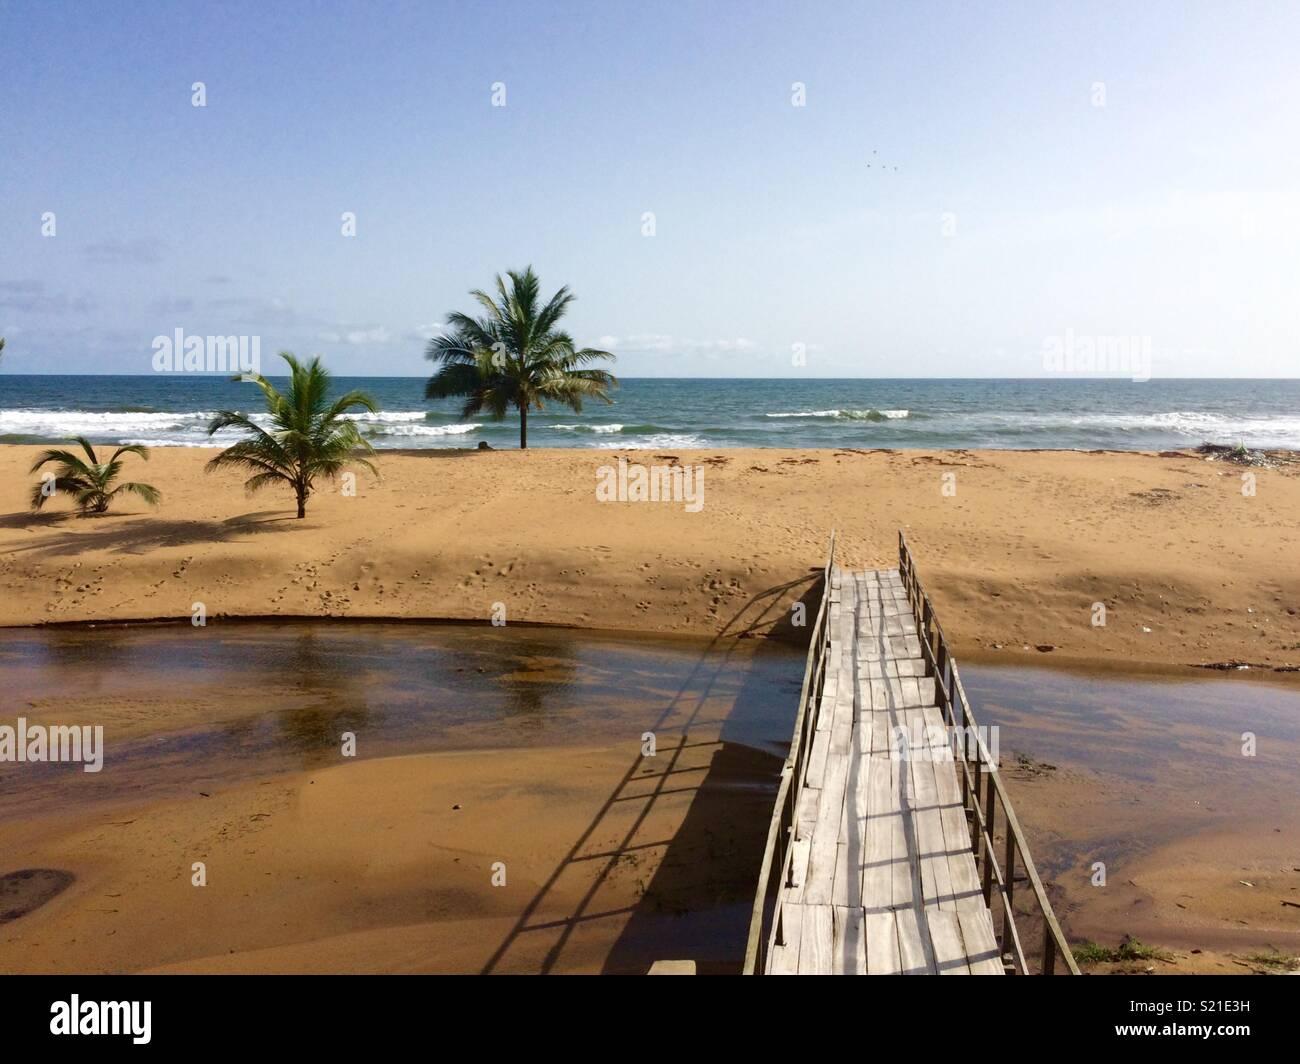 Silver beach in Monrovia, Liberia - Stock Image